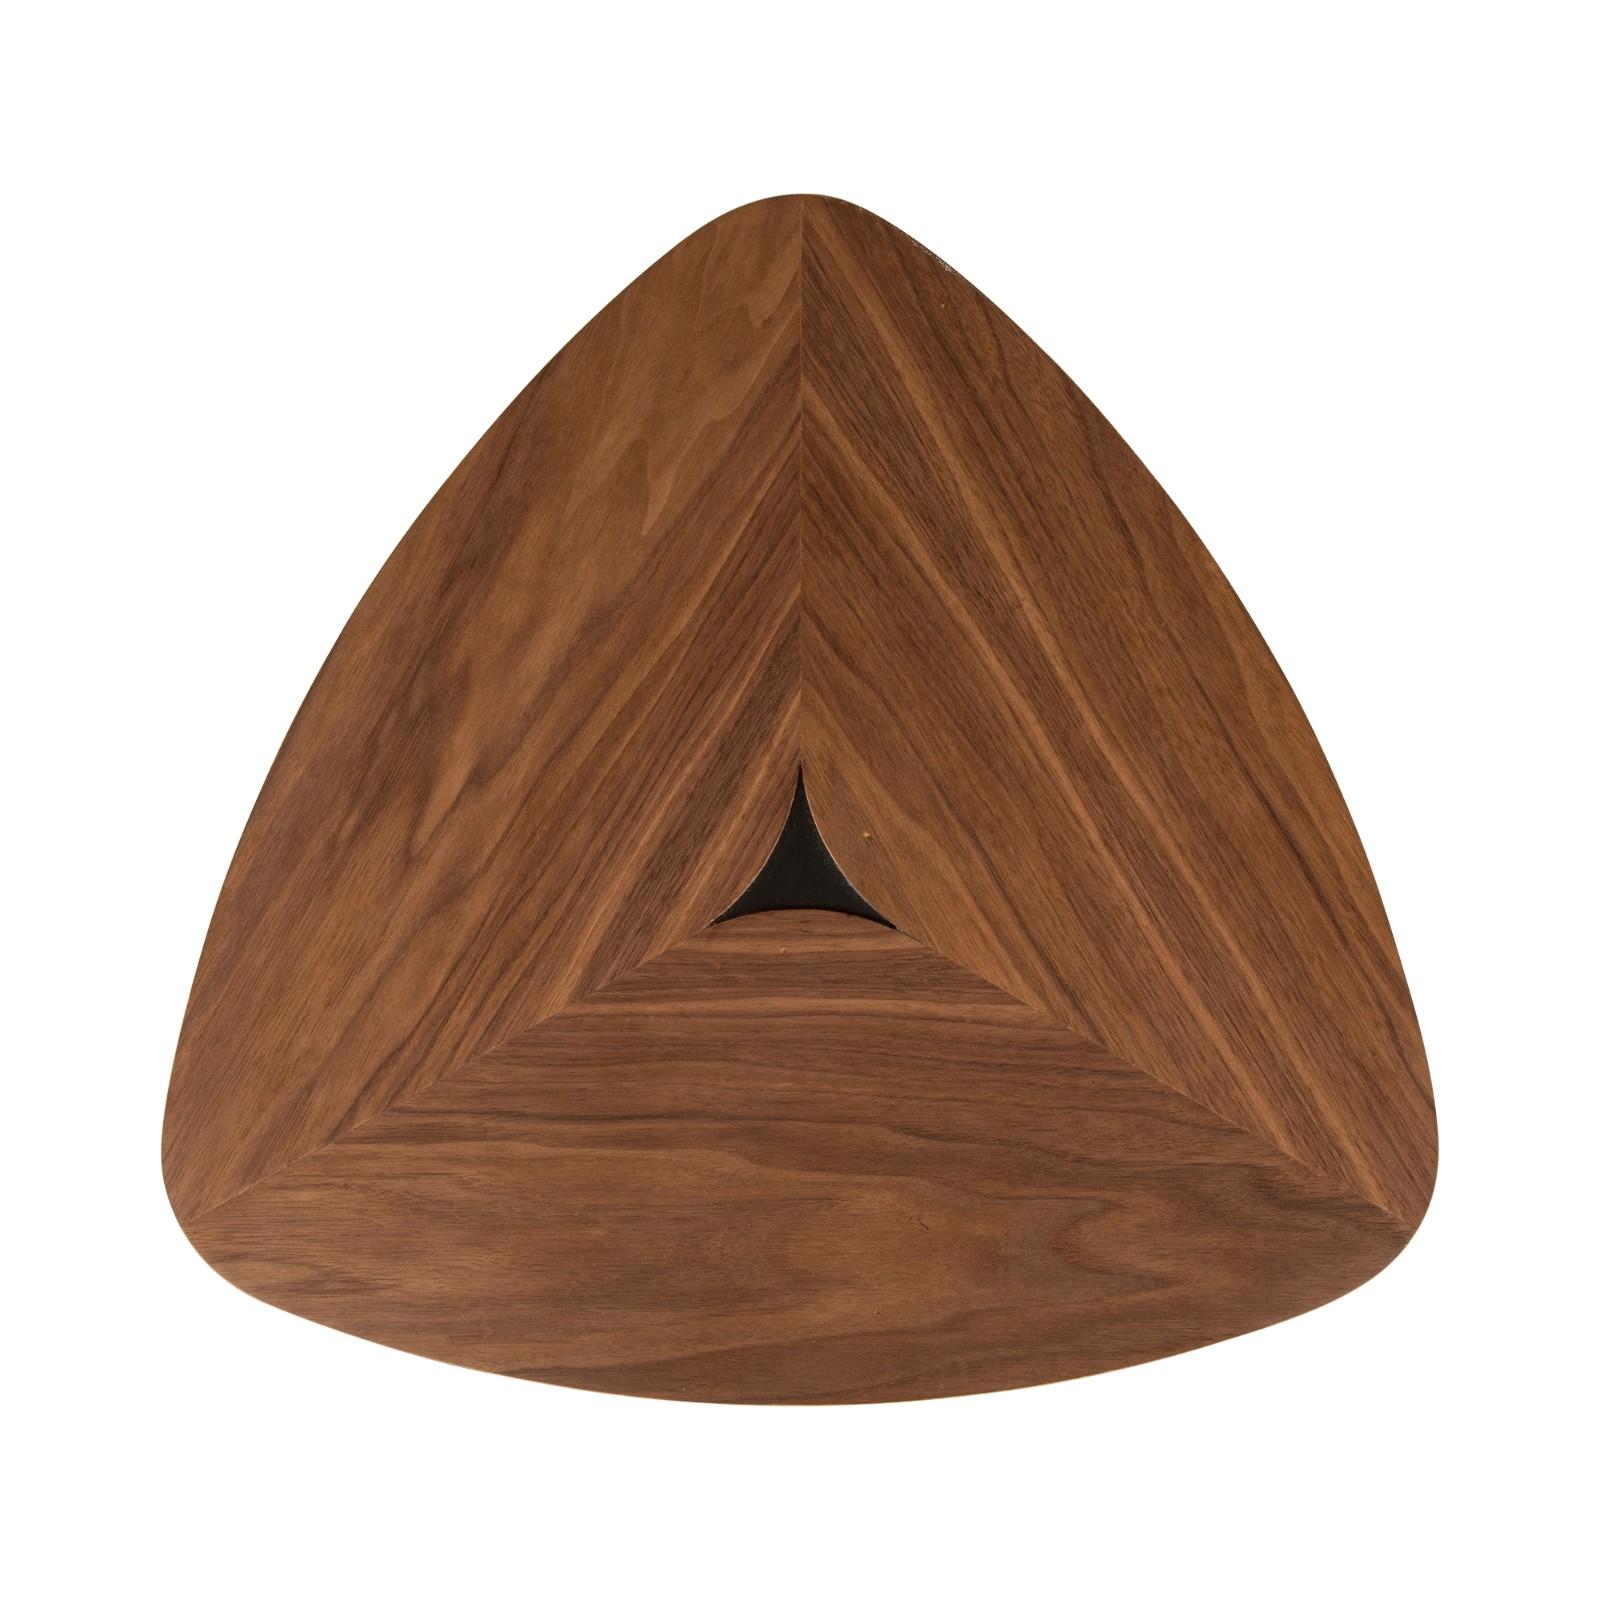 胡桃木边桌,黑色哑光金属桌腿,拆装